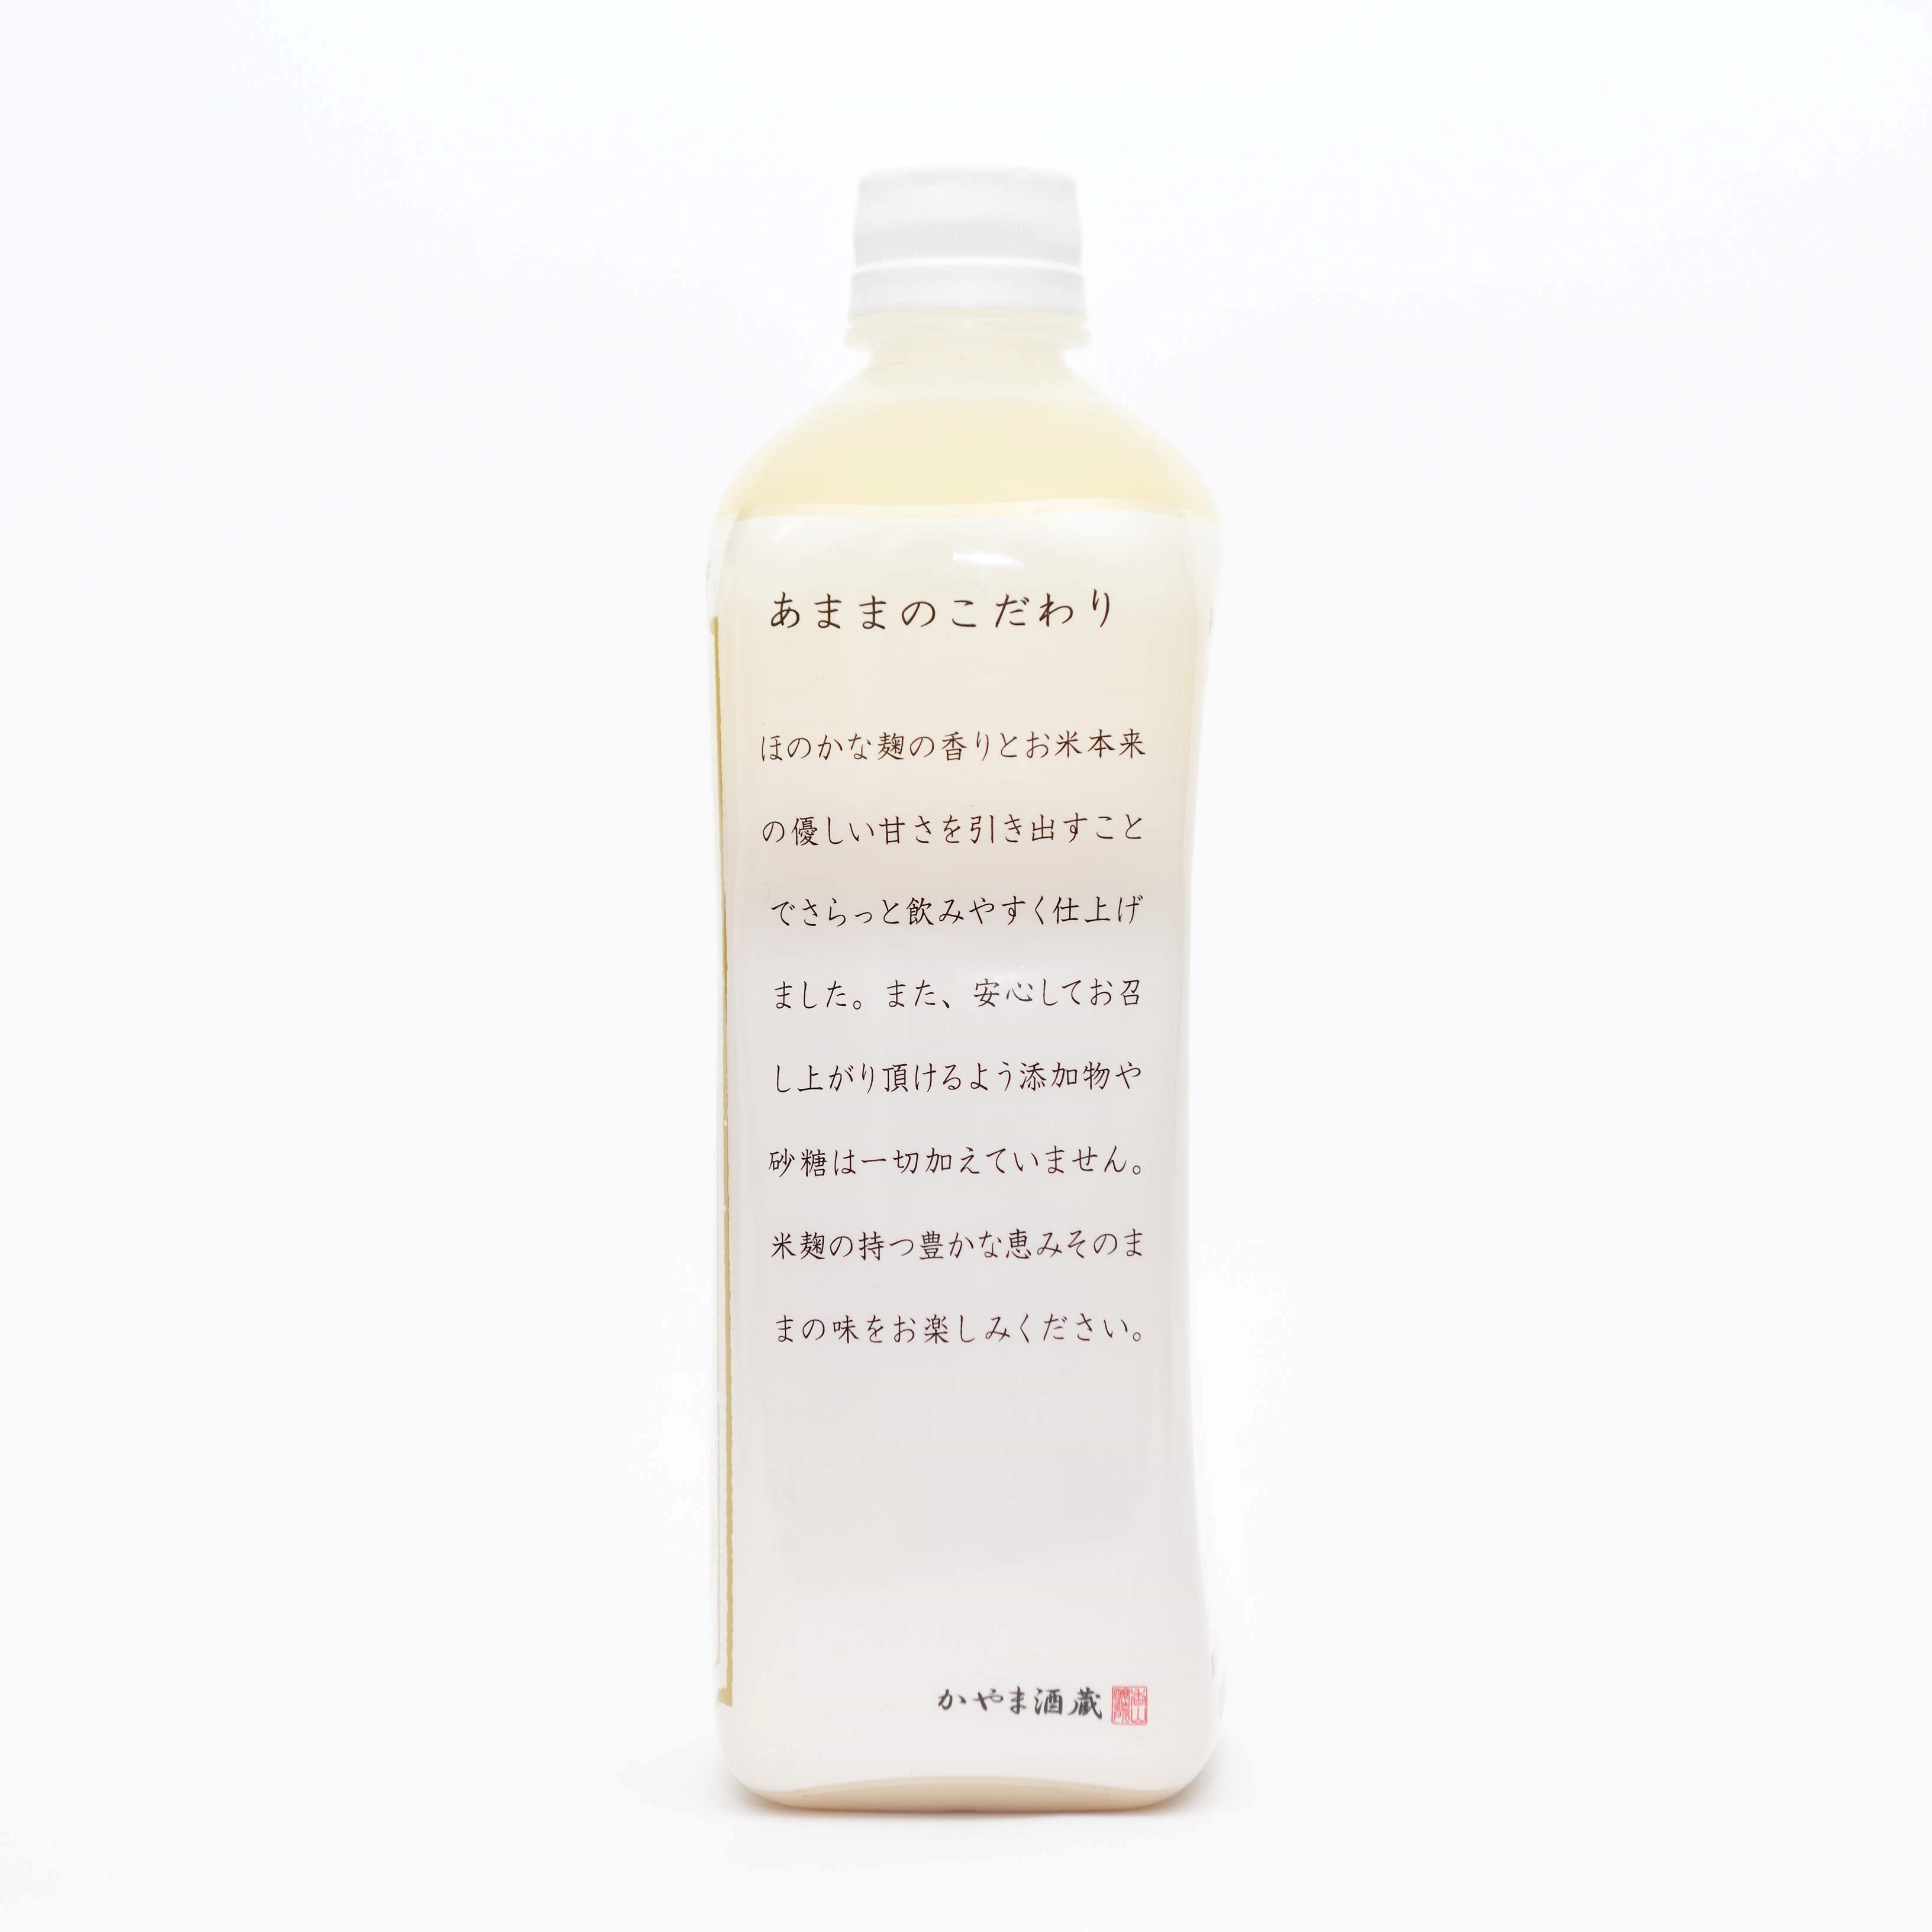 米麹甘酒あまま(ボトルタイプ)2本セット